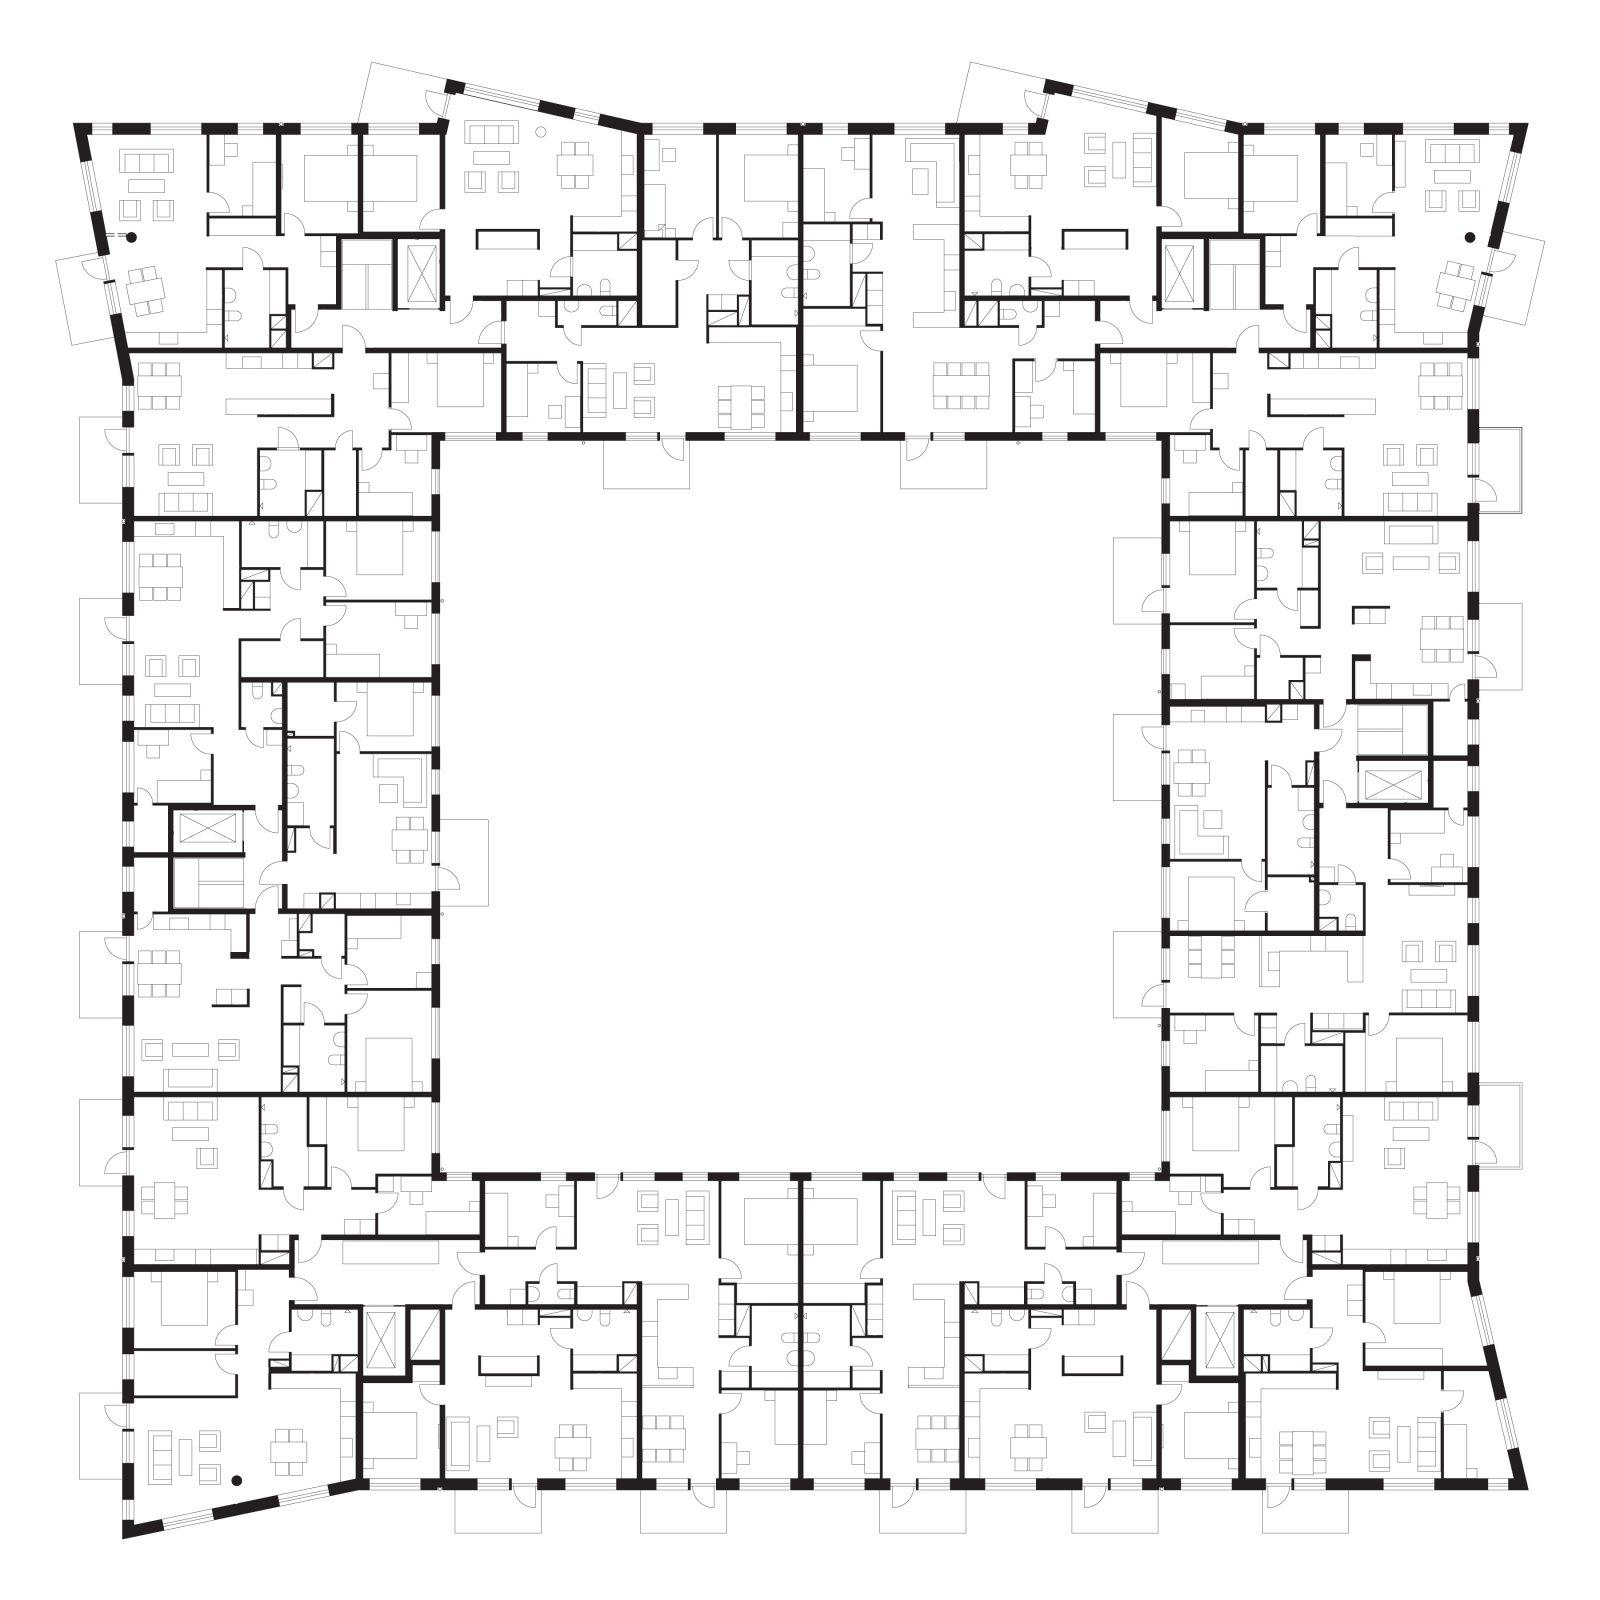 KjellanderSjoberg Monoliten plan02